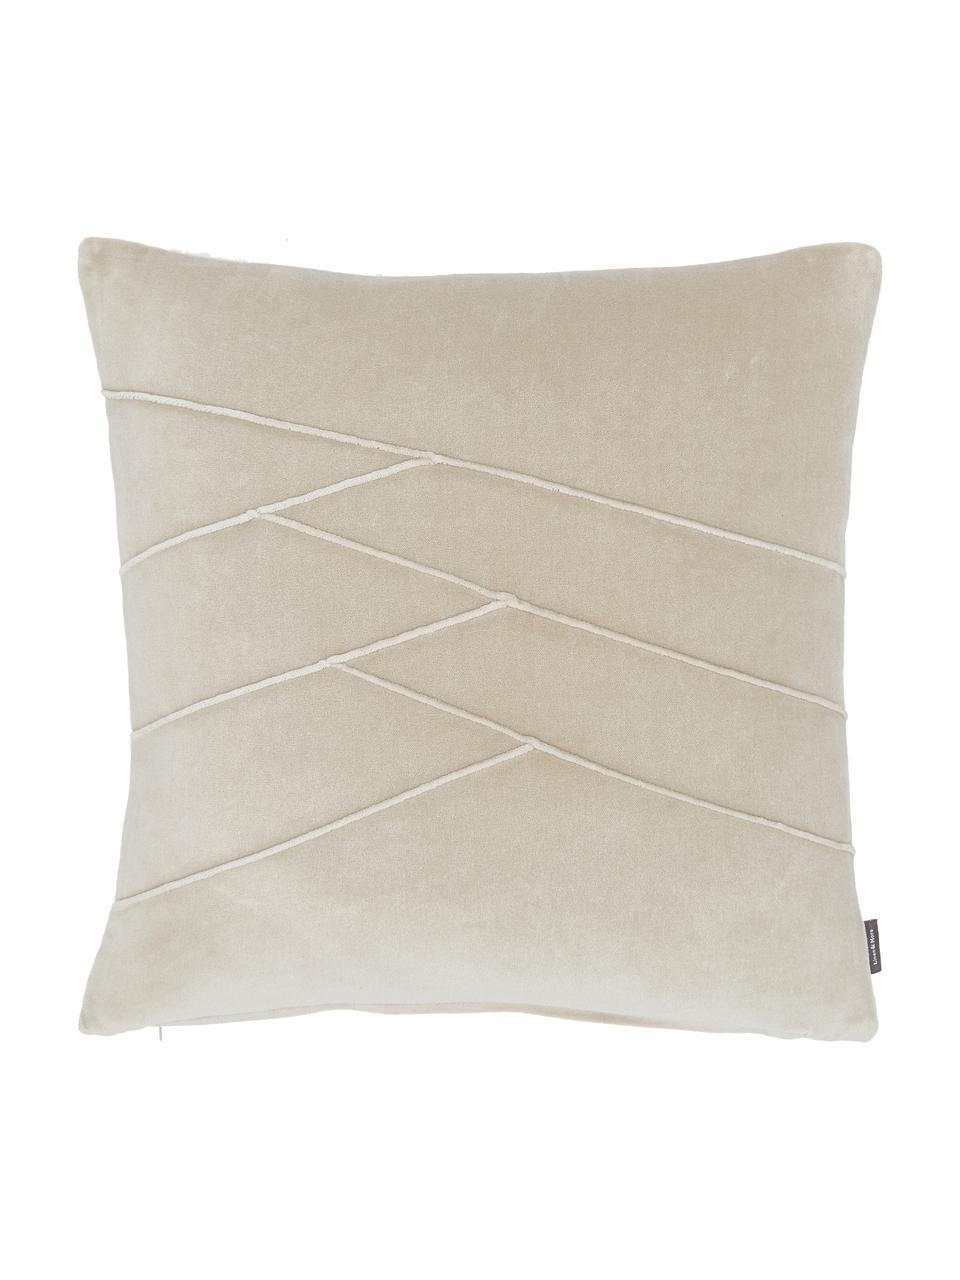 Samt-Kissen Pintuck in Beige, mit Inlett, Bezug: 55% Rayon, 45% Baumwolle, Webart: Samt, Beige, 45 x 45 cm